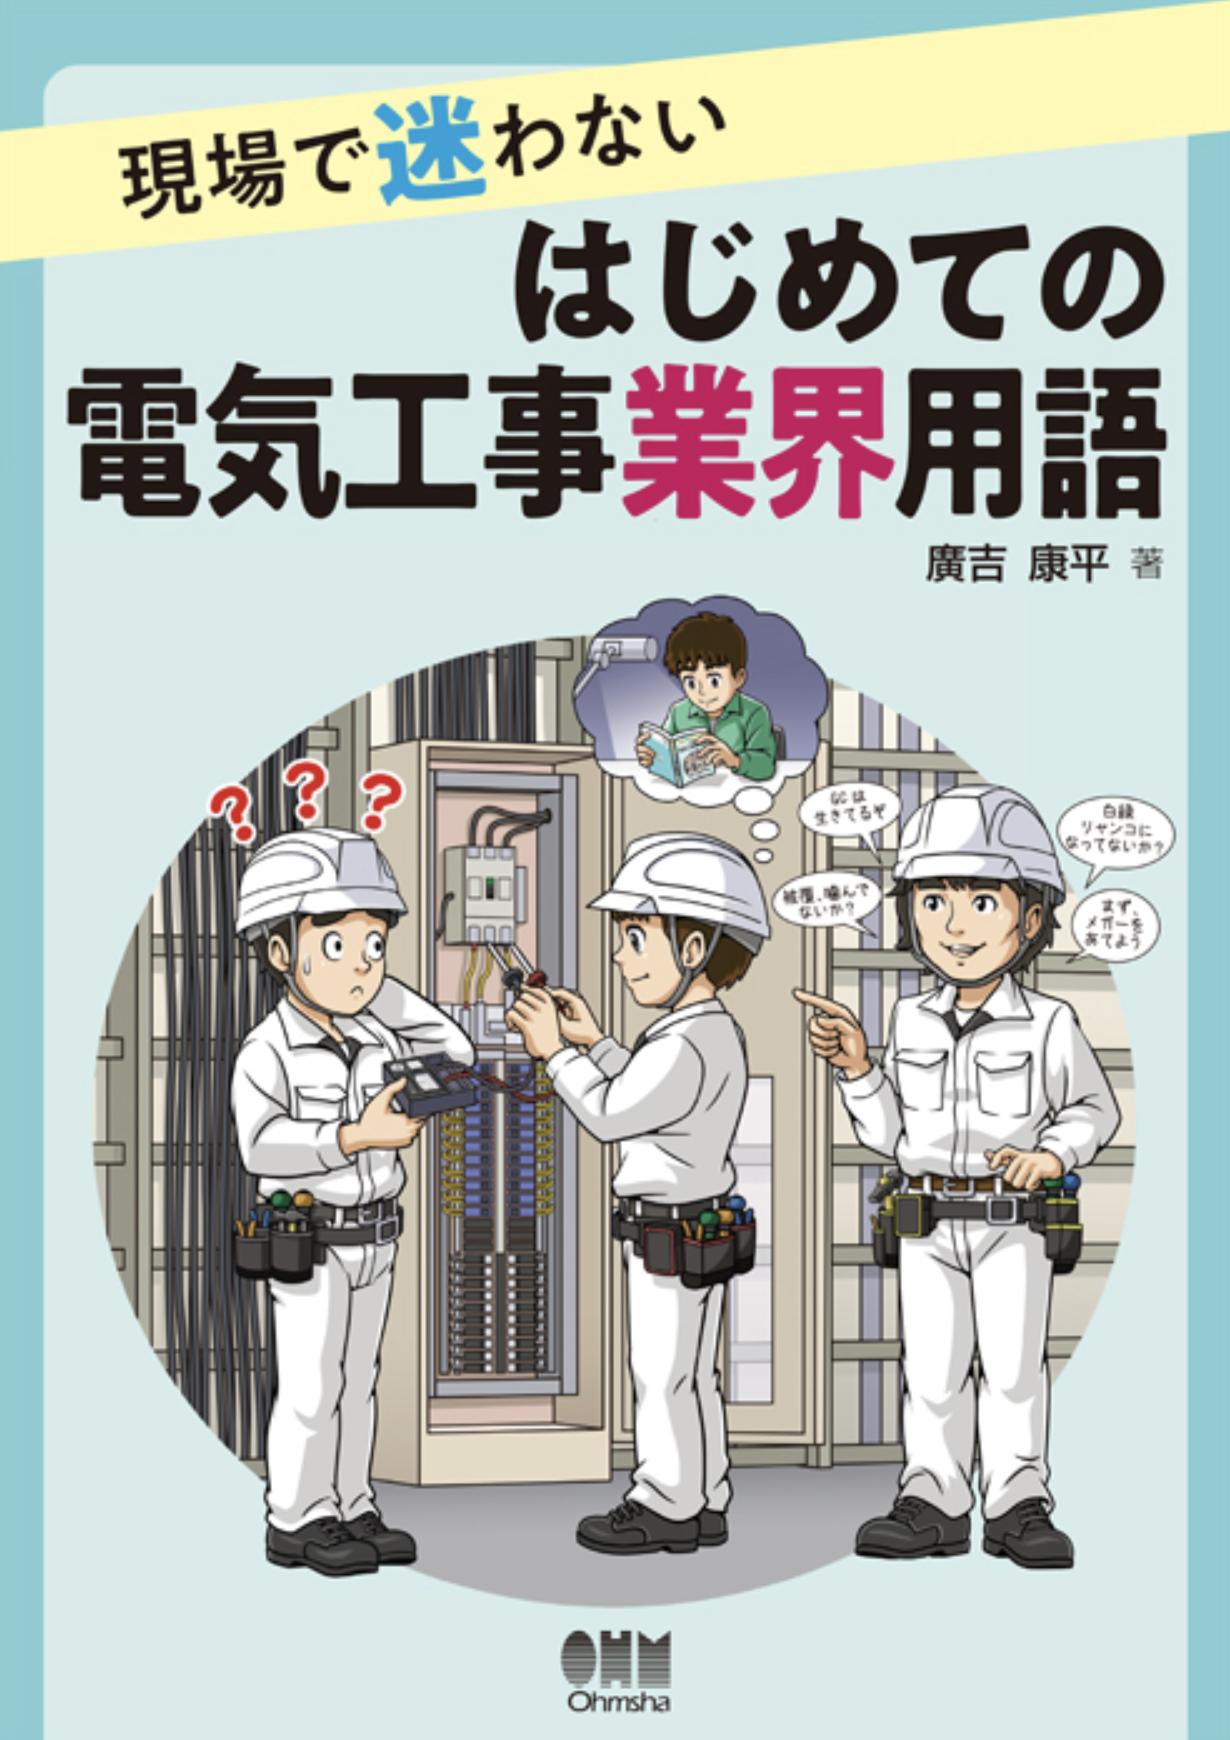 【新刊トピックス 2020年8月】現場で迷わない はじめての電気工事業界用語の画像